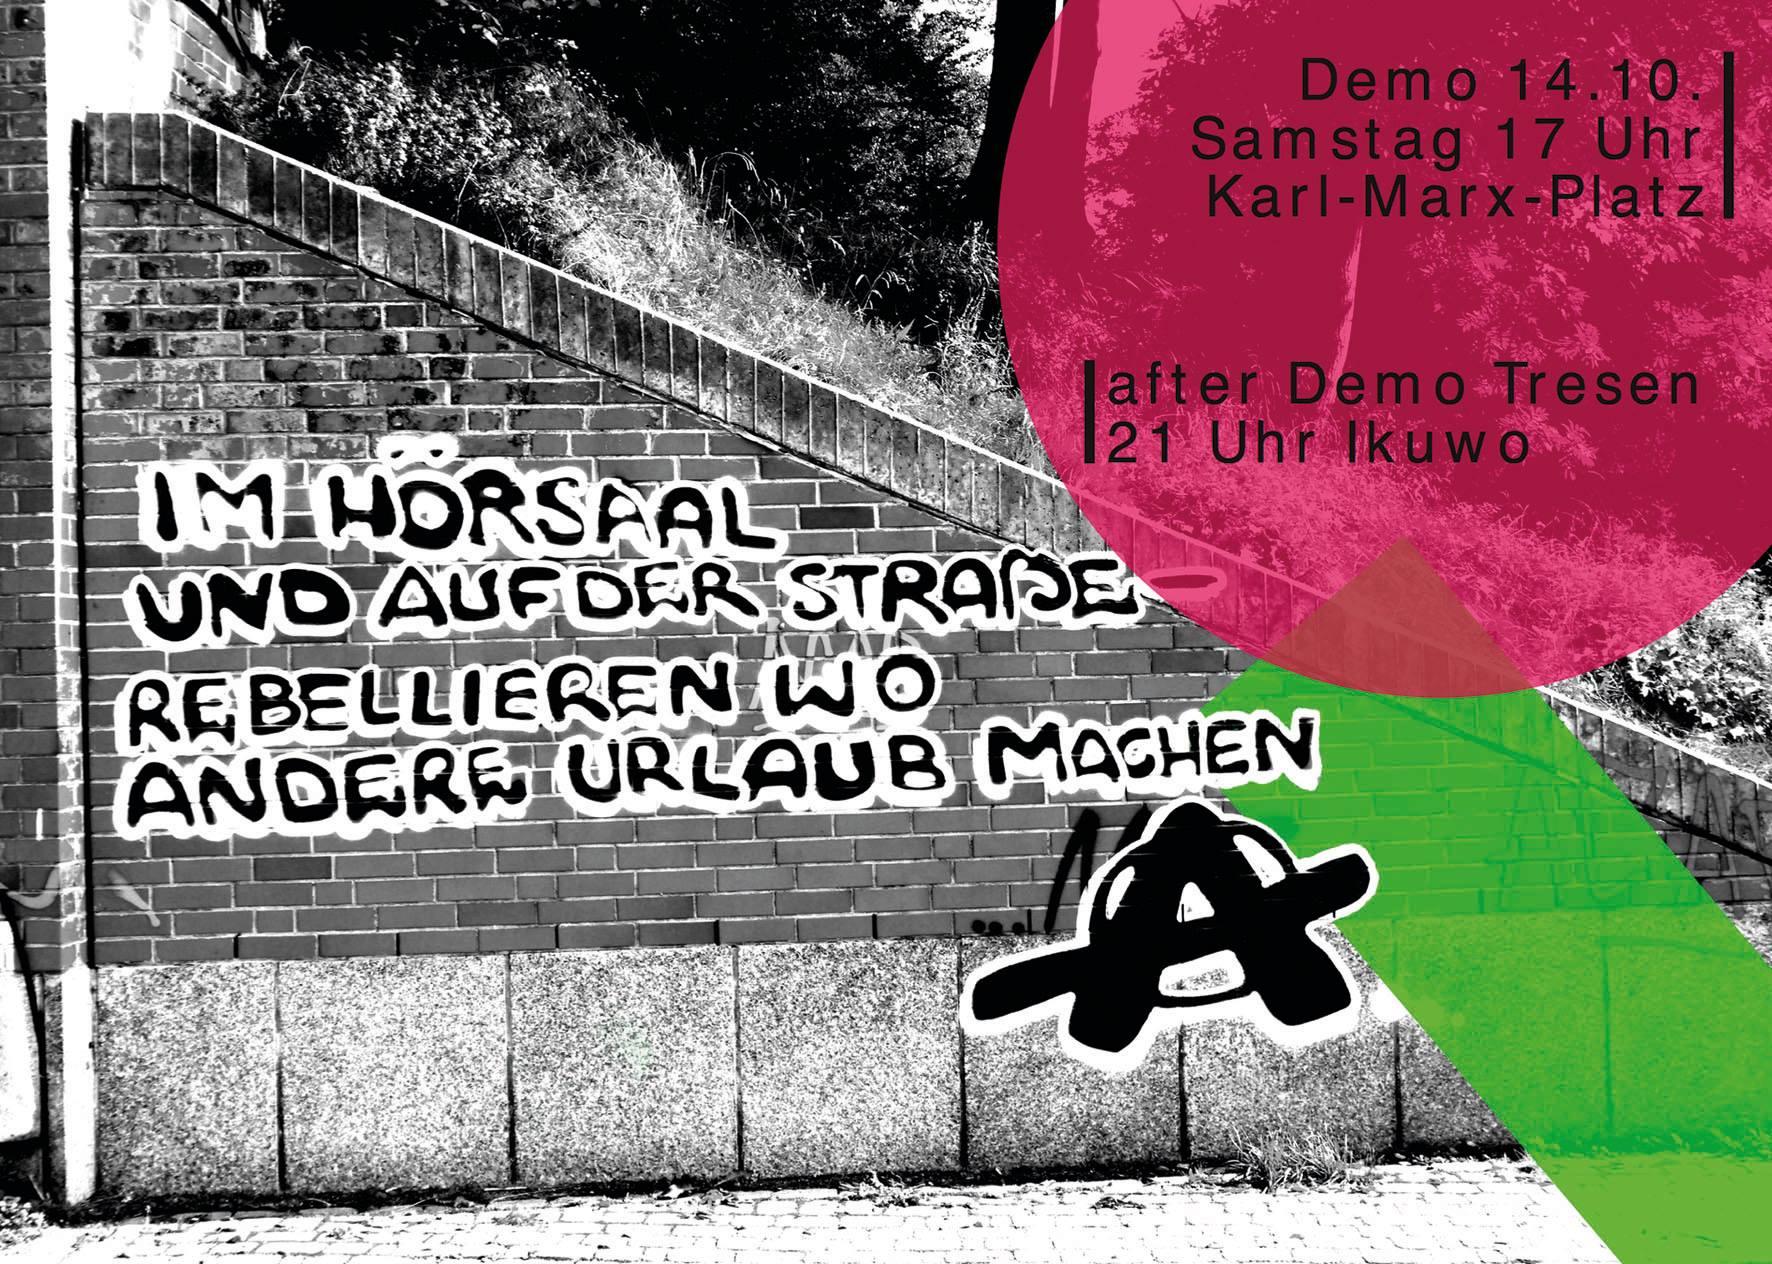 Demonstration für linke (Hochschul)-Politik angekündigt